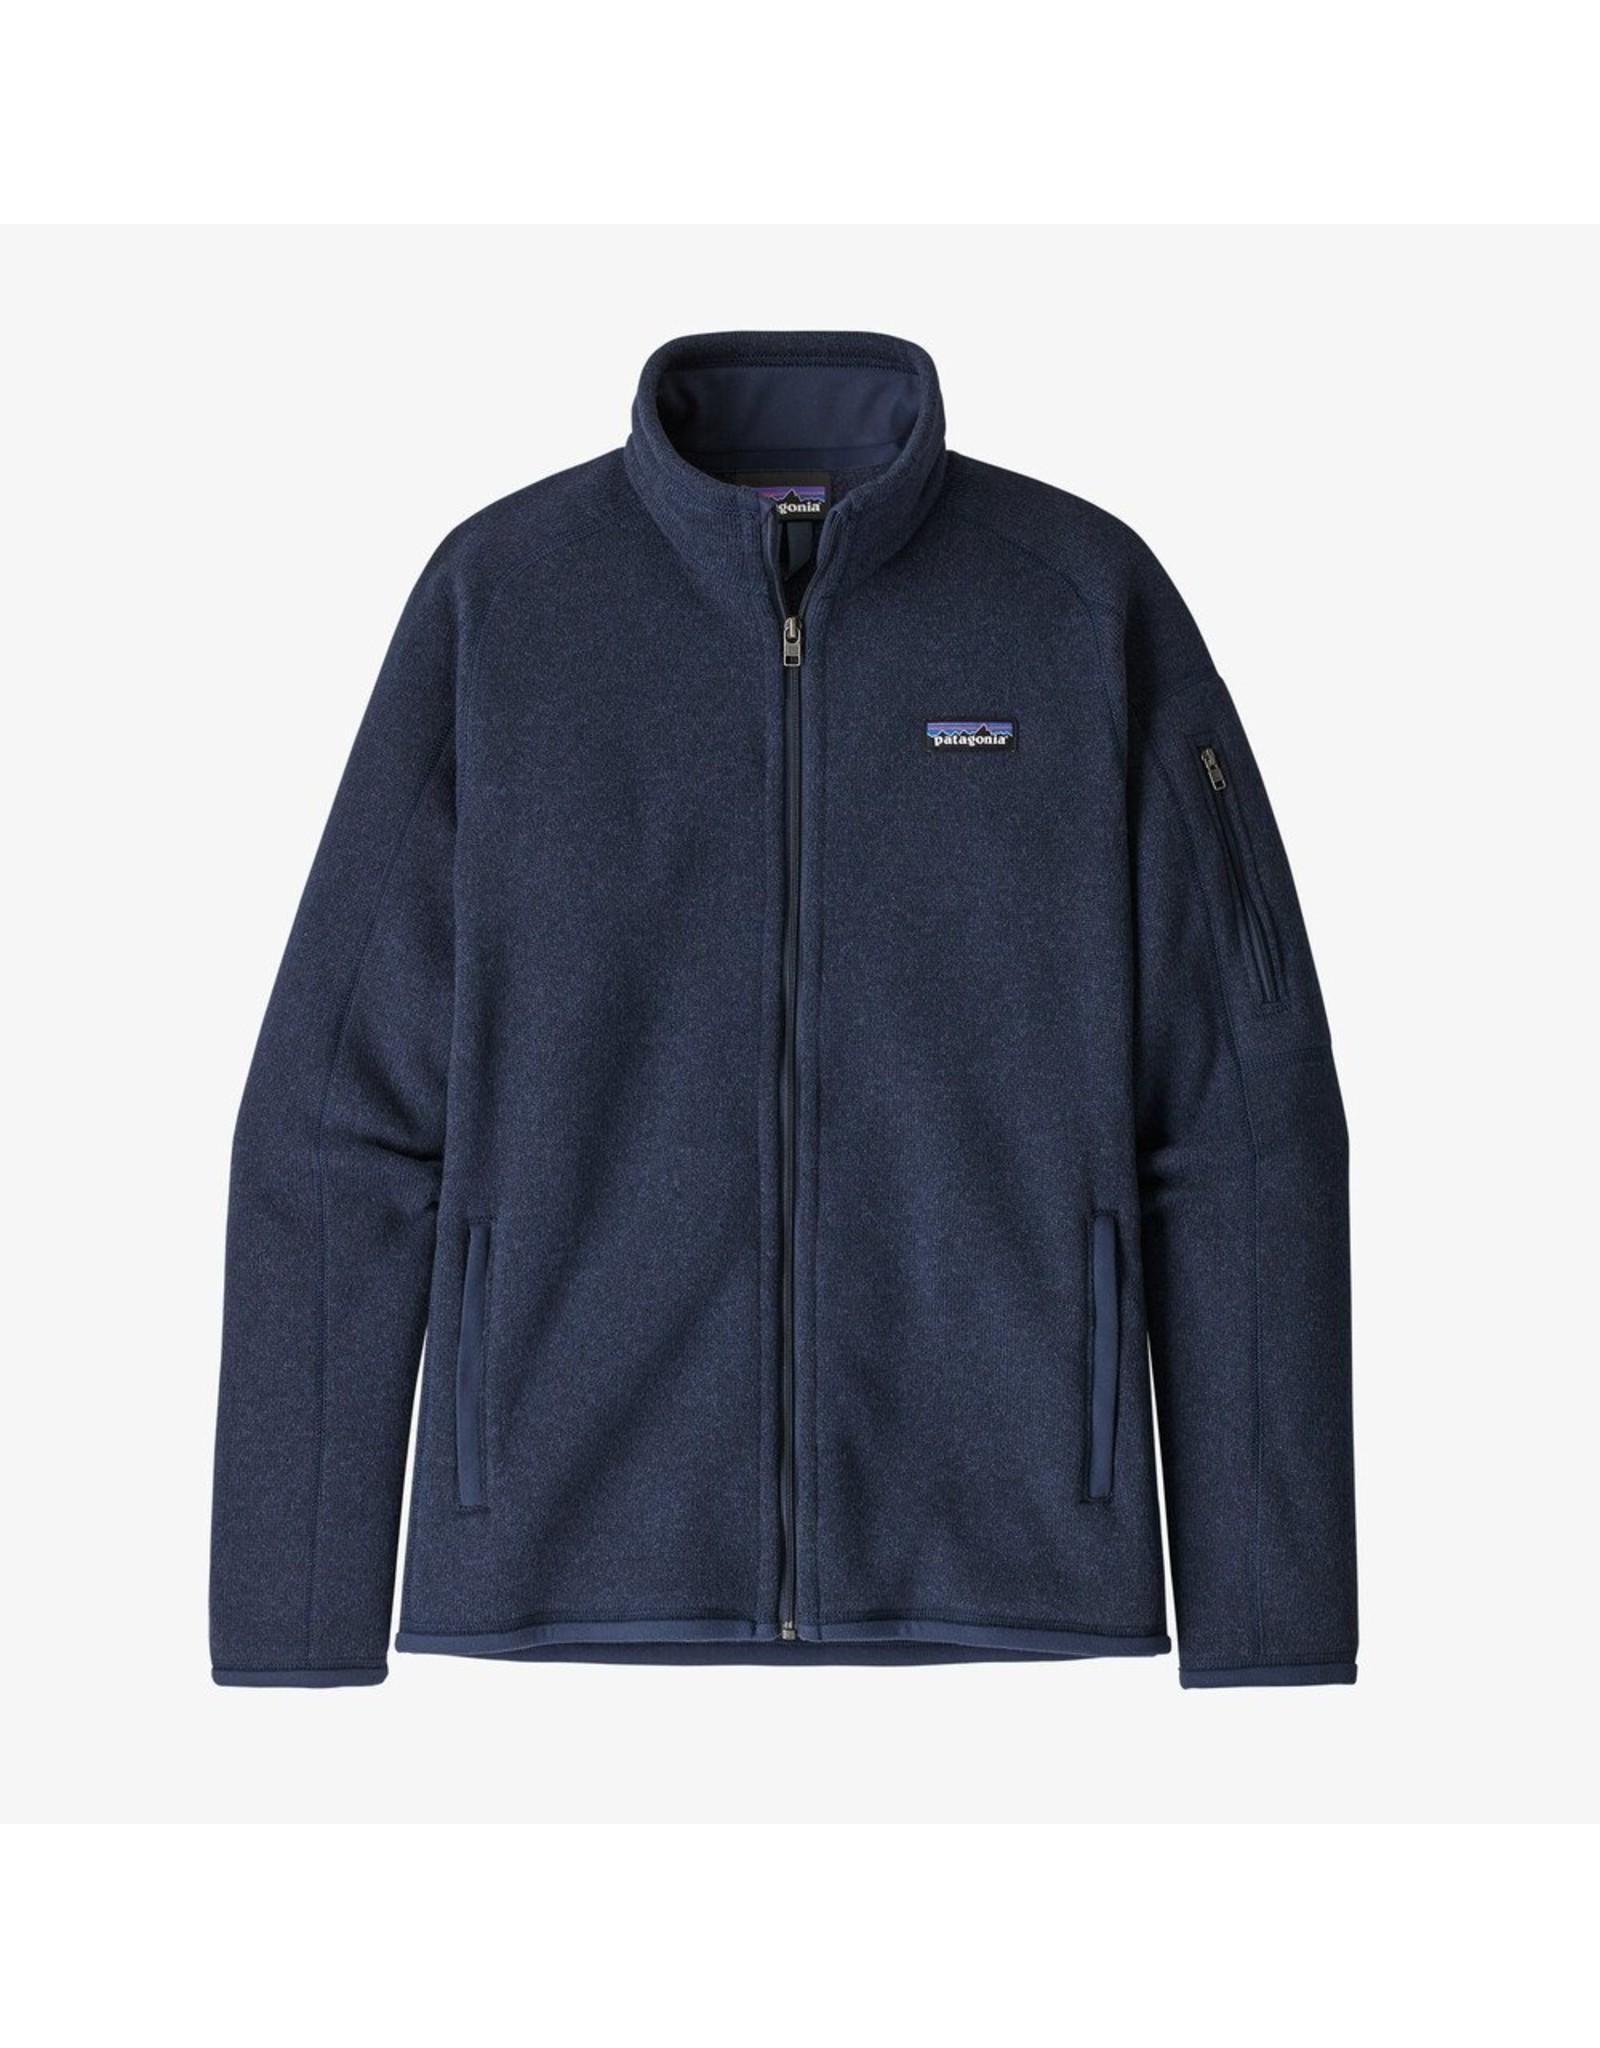 Patagonia Patagonia - Women's Better Sweater® Fleece Jacket